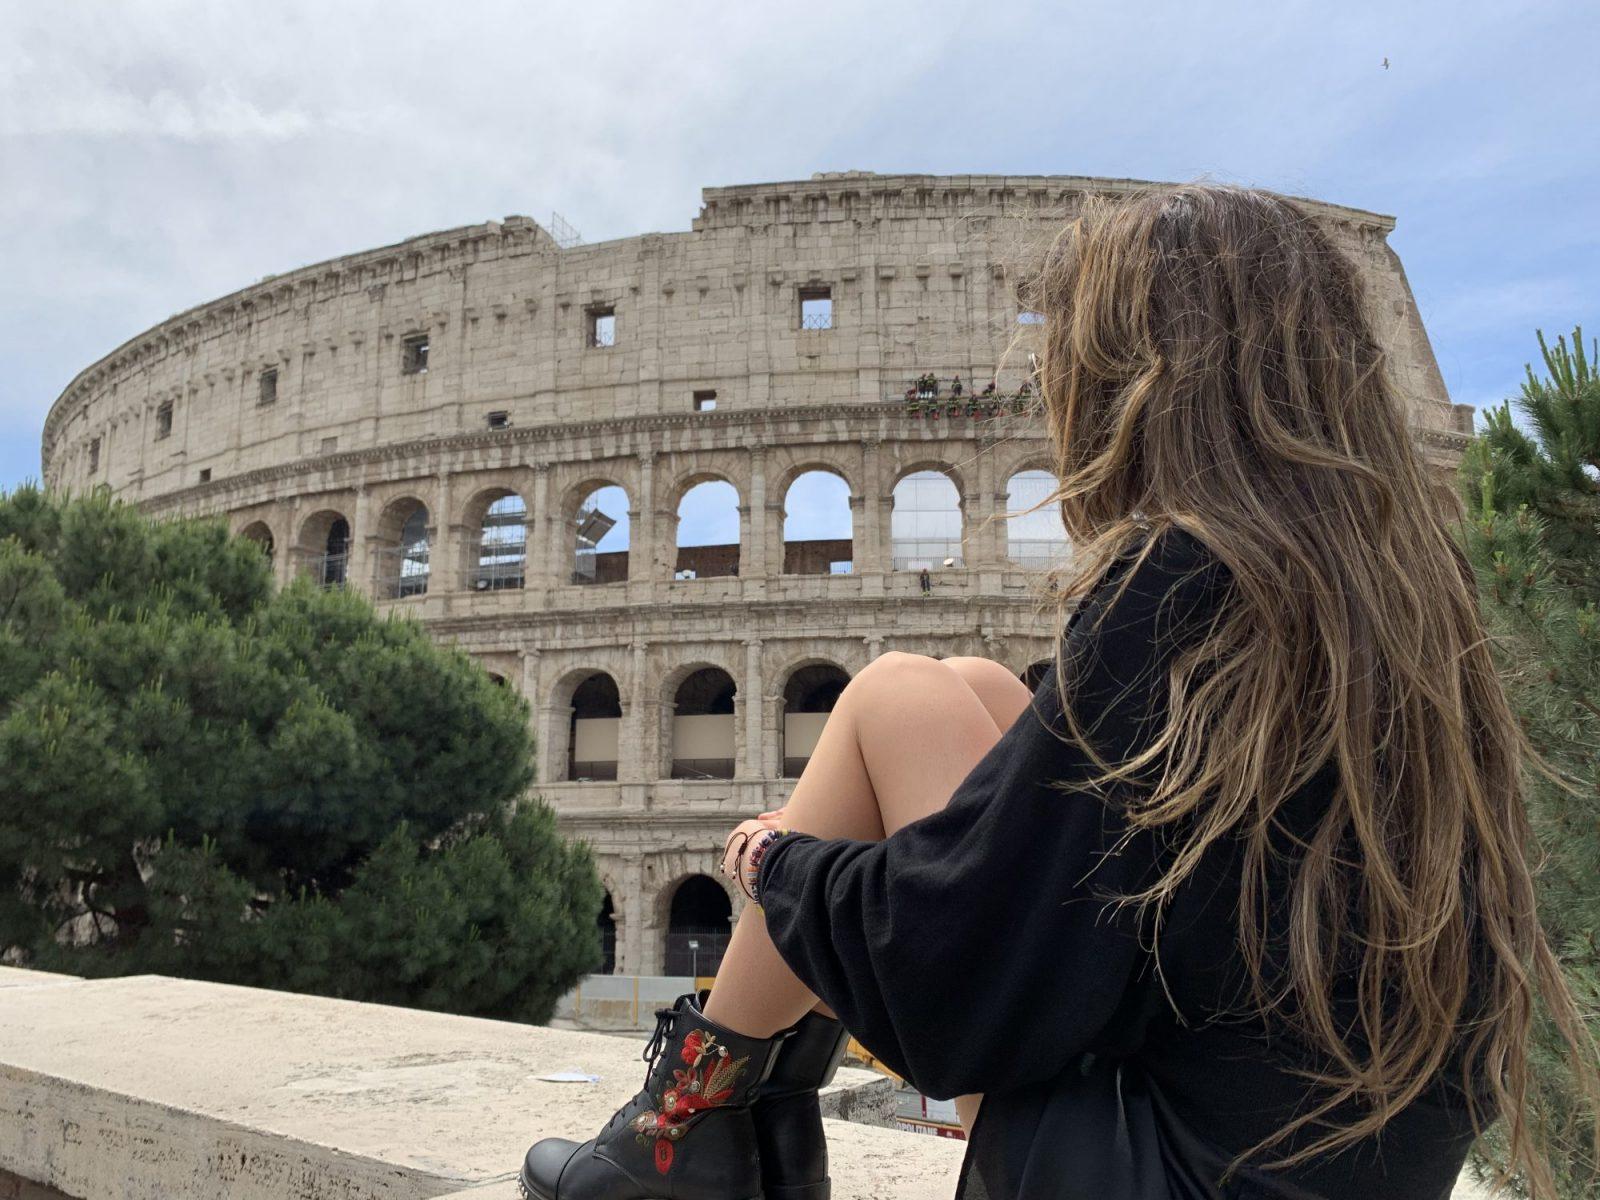 El Coliseo fue declarado una de las siete maravillas del mundo moderno